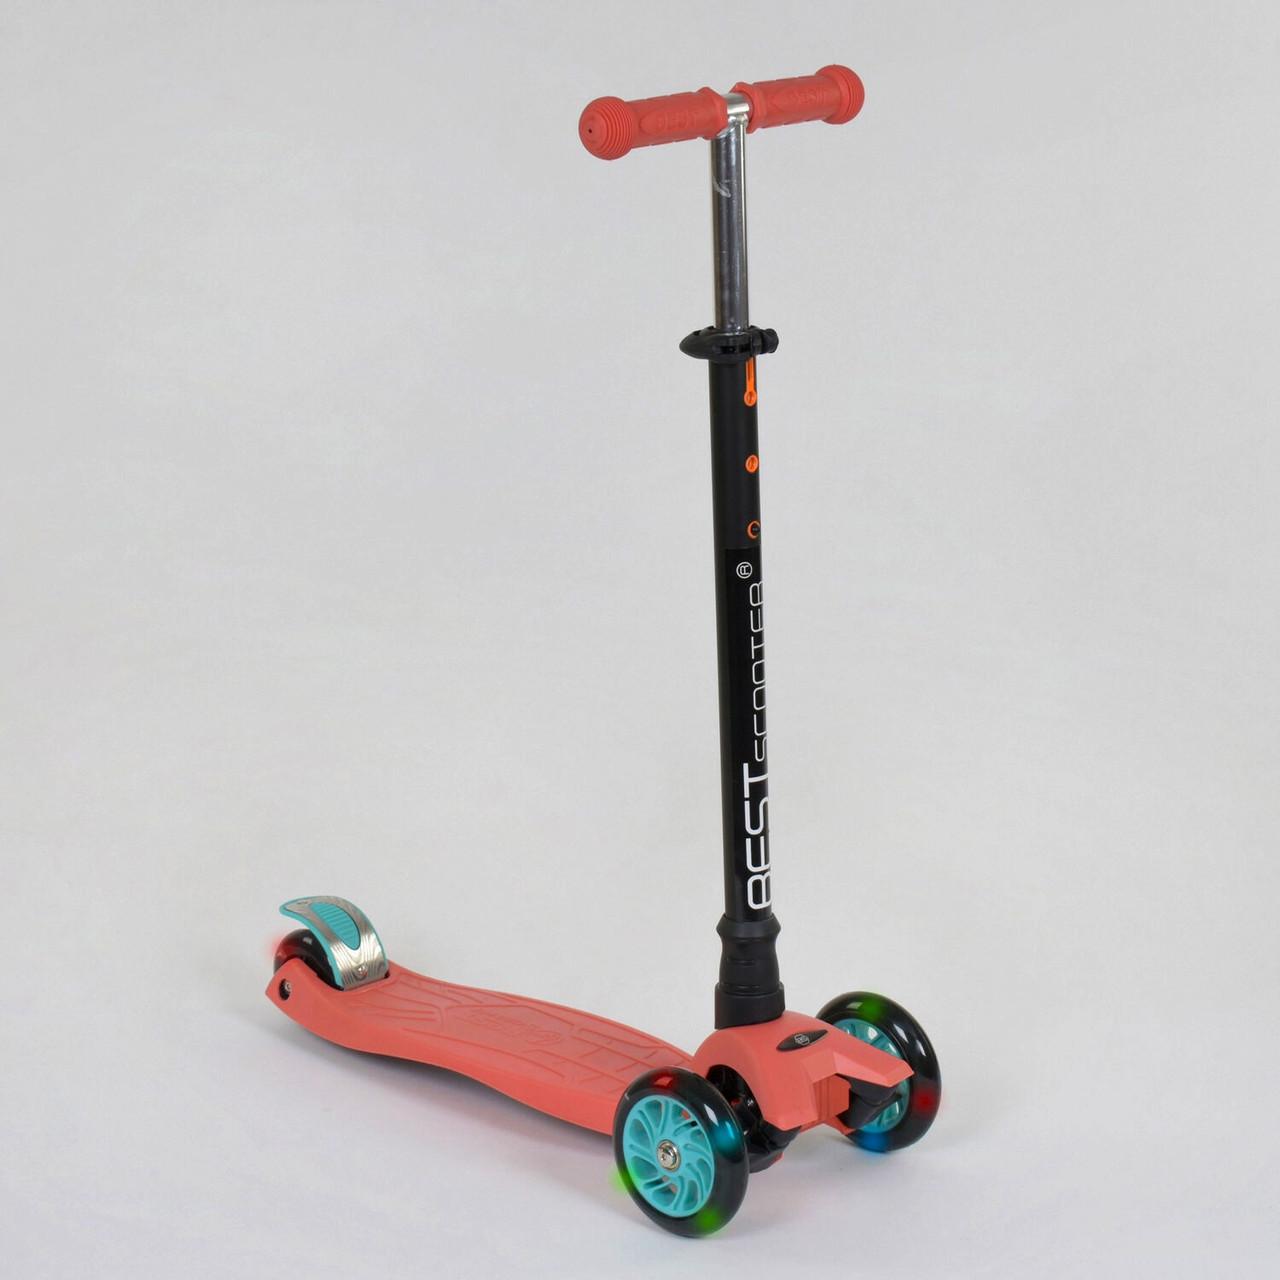 Самокат трехколесный Best Scooter MAXI 466-113 / А 24439 Терракотовый